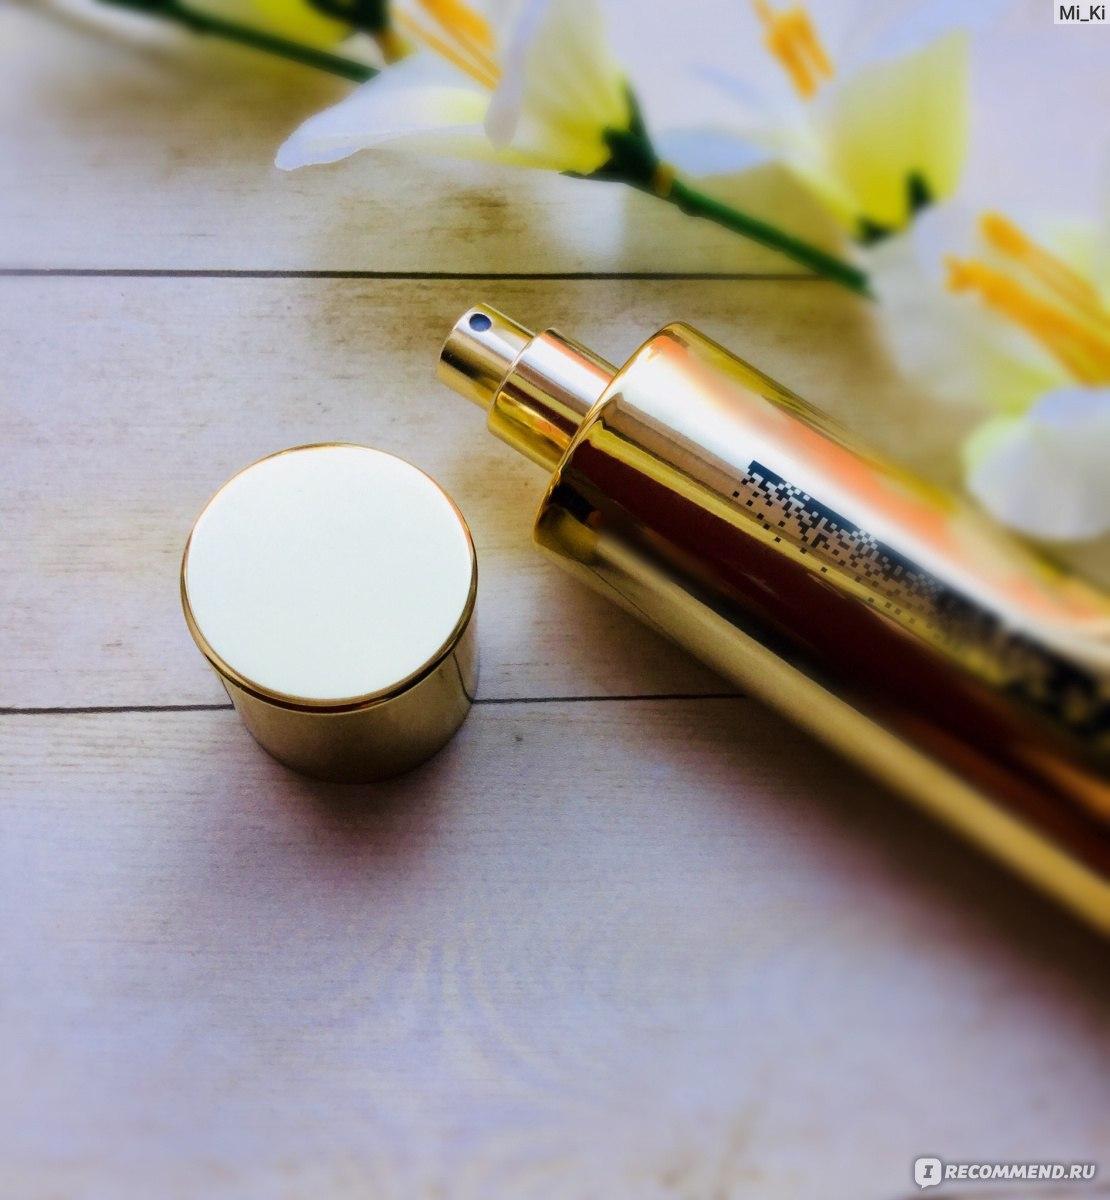 парли парфюм отзывы